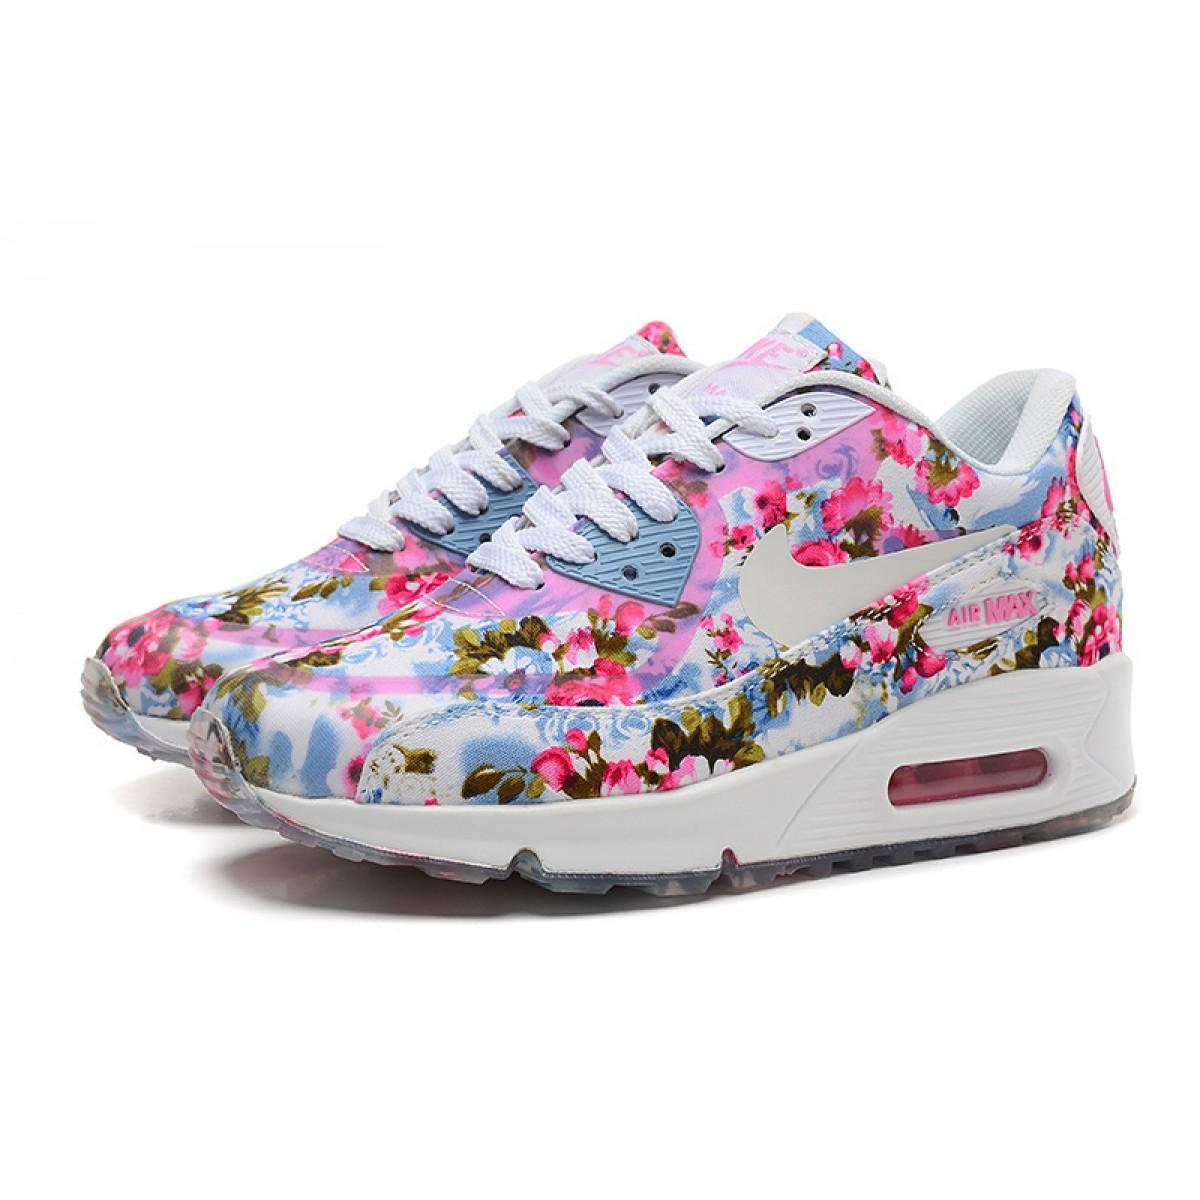 Nike 90 Fleur nike Air Max Achat Femme Vente Produits W2HIeEDY9